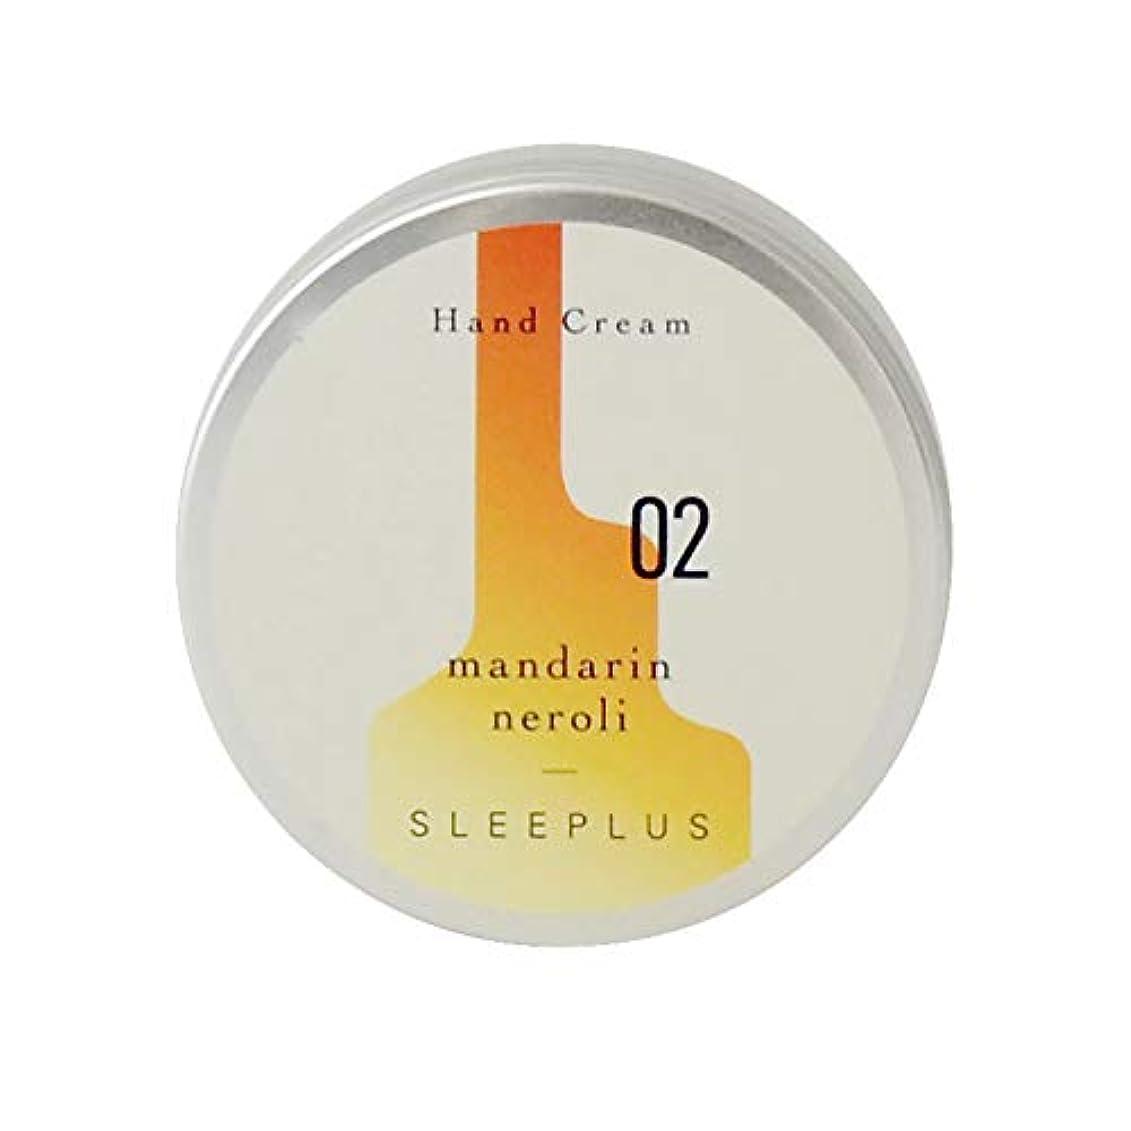 充電路面電車信号Heavenly Aroom ハンドクリーム SLEEPLUS 02 マンダリンネロリ 75g